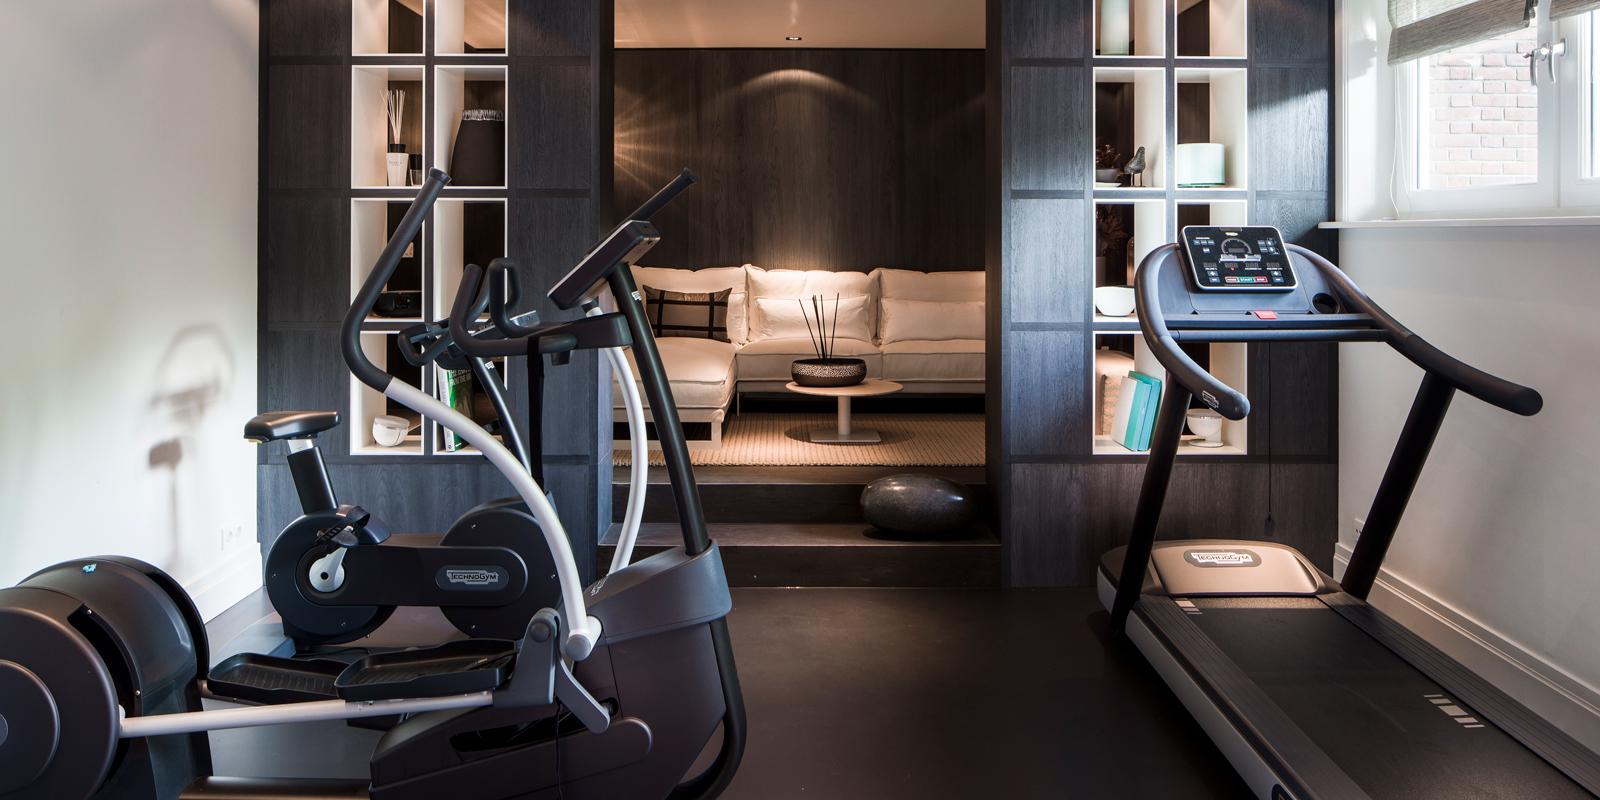 Home fitness, Technogym, Wellness, Thuis sporten, Gezonde leefstijl